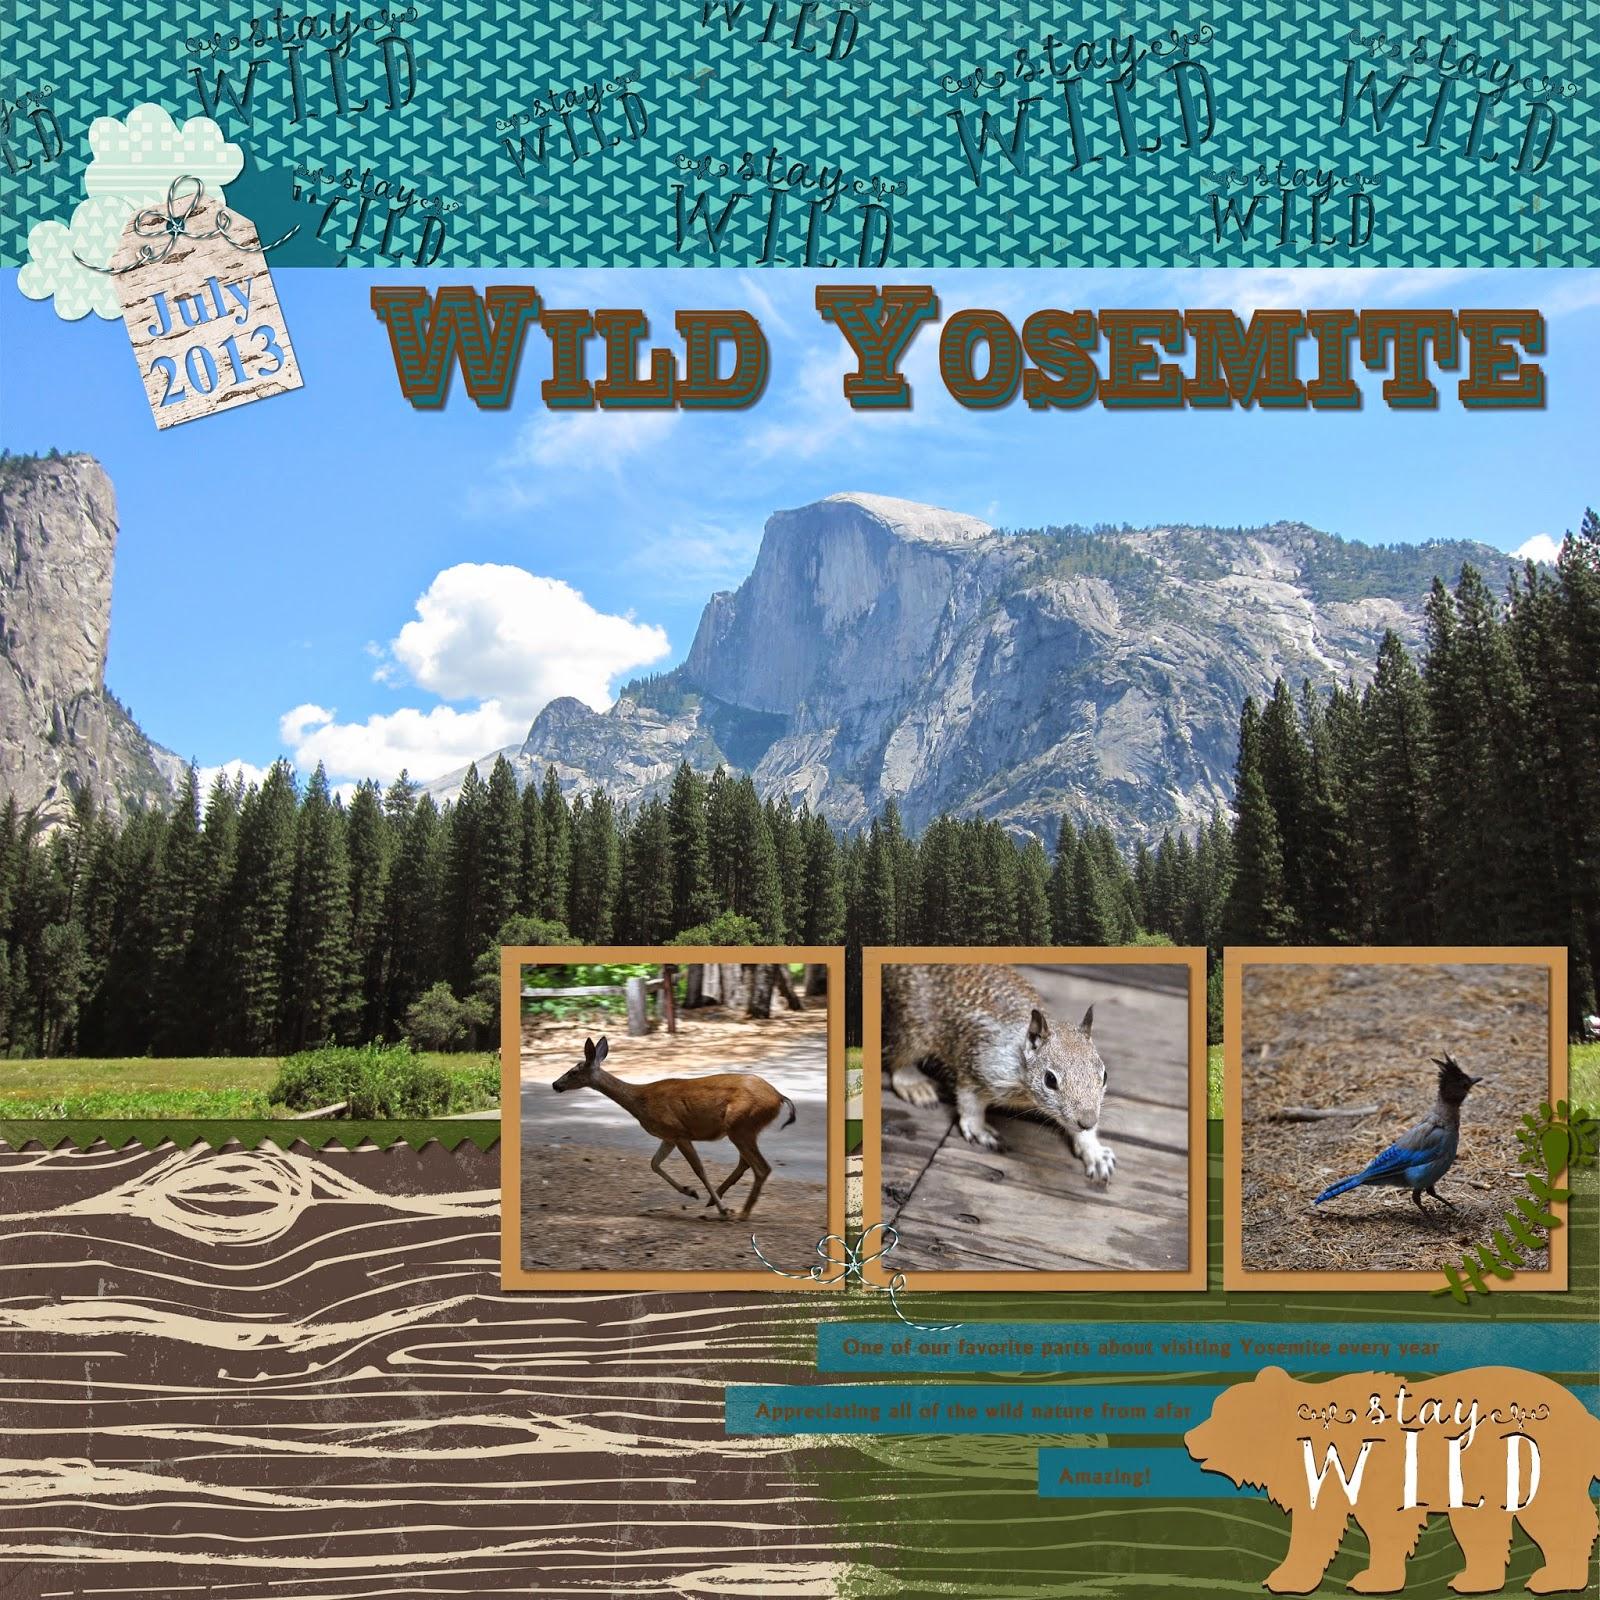 http://1.bp.blogspot.com/-F3VlWmp9gRw/U5sEooNRshI/AAAAAAAAA_Q/nKLCxj_npMU/s1600/Wild+Yosemite2.jpg